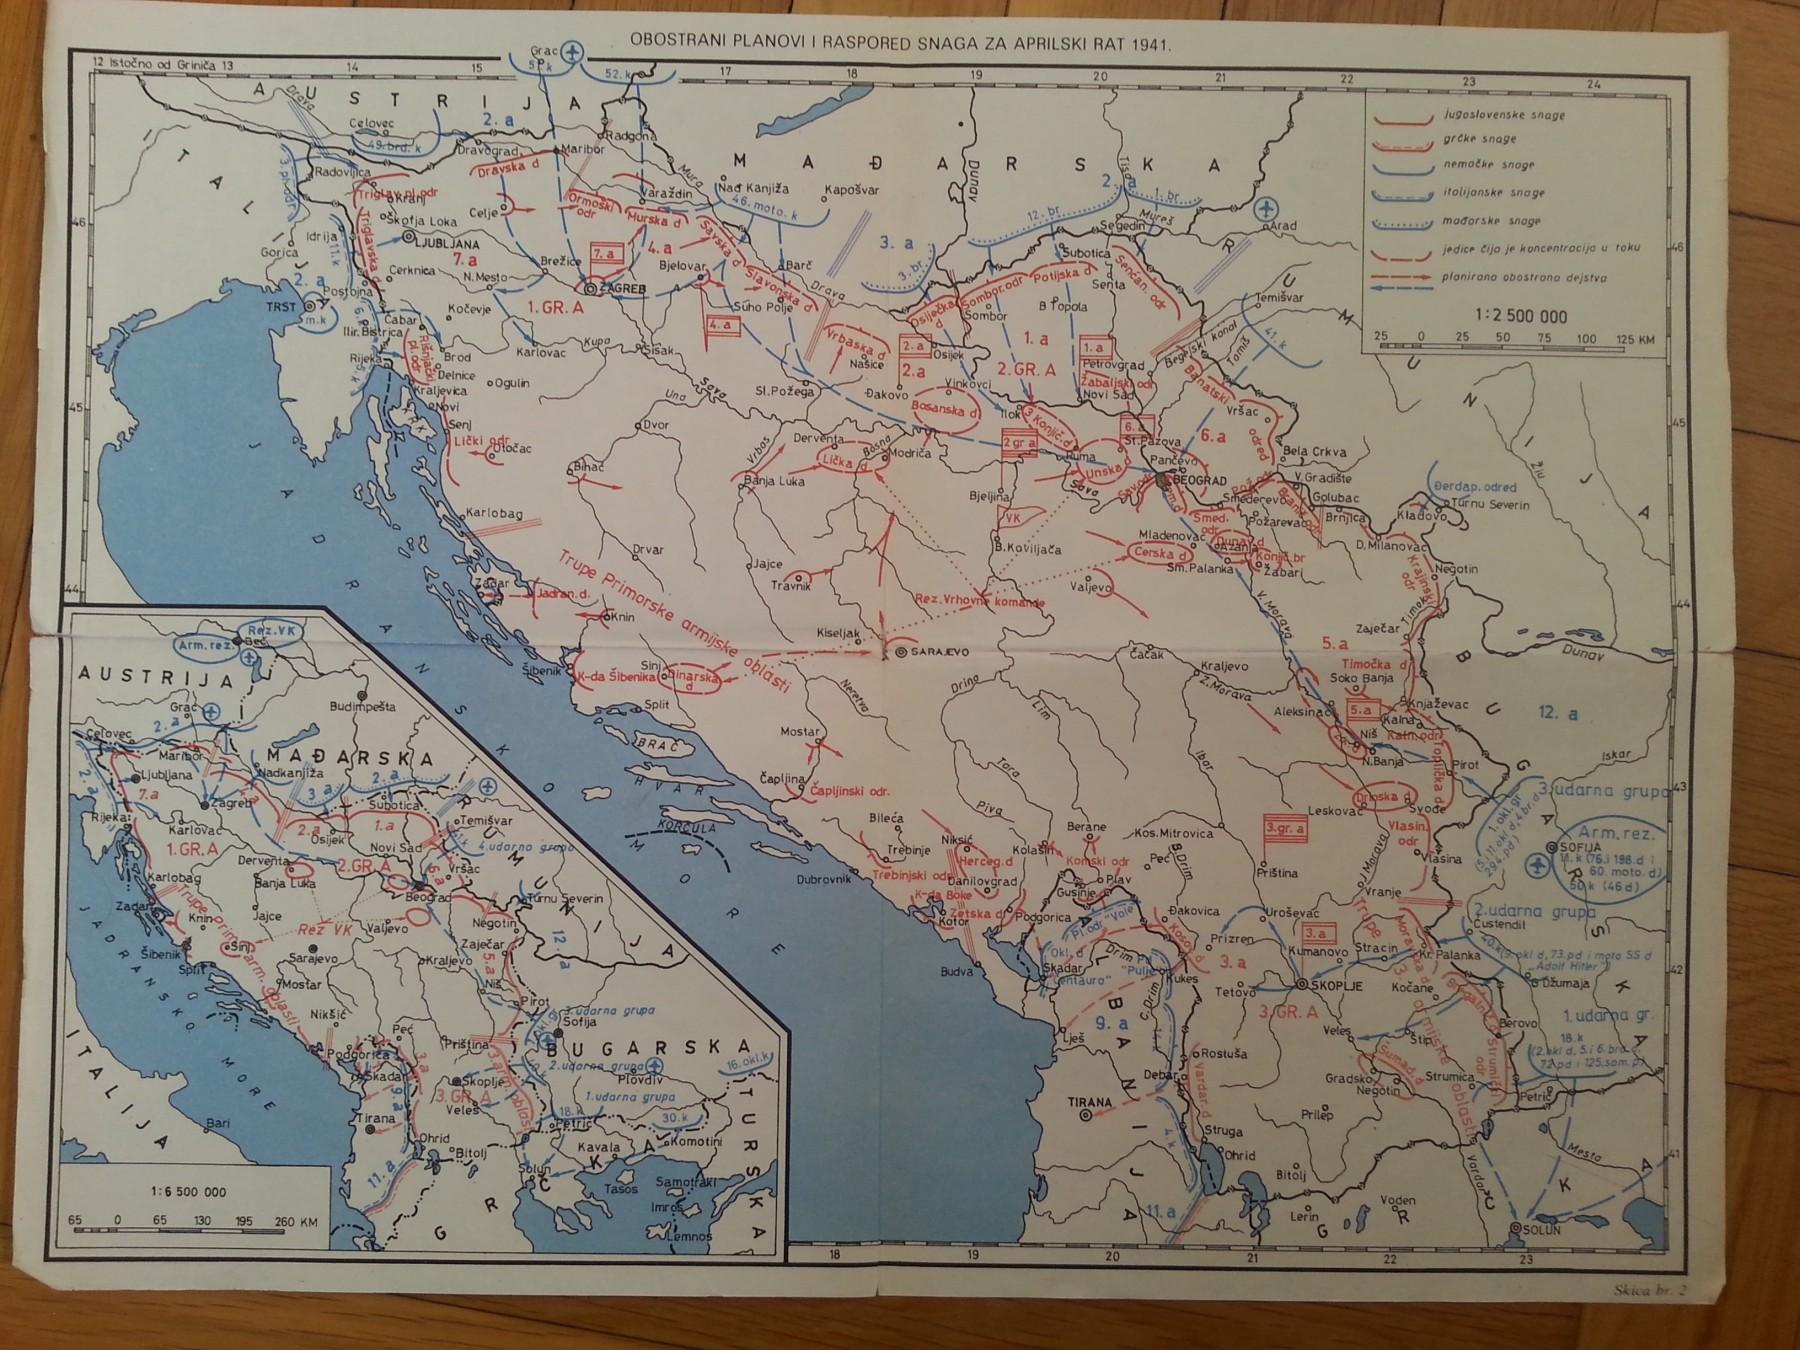 karta jugoslavije KARTA JUGOSLAVIJE ZA APRILSKI RAT 1941   Kupindo.(46595301) karta jugoslavije